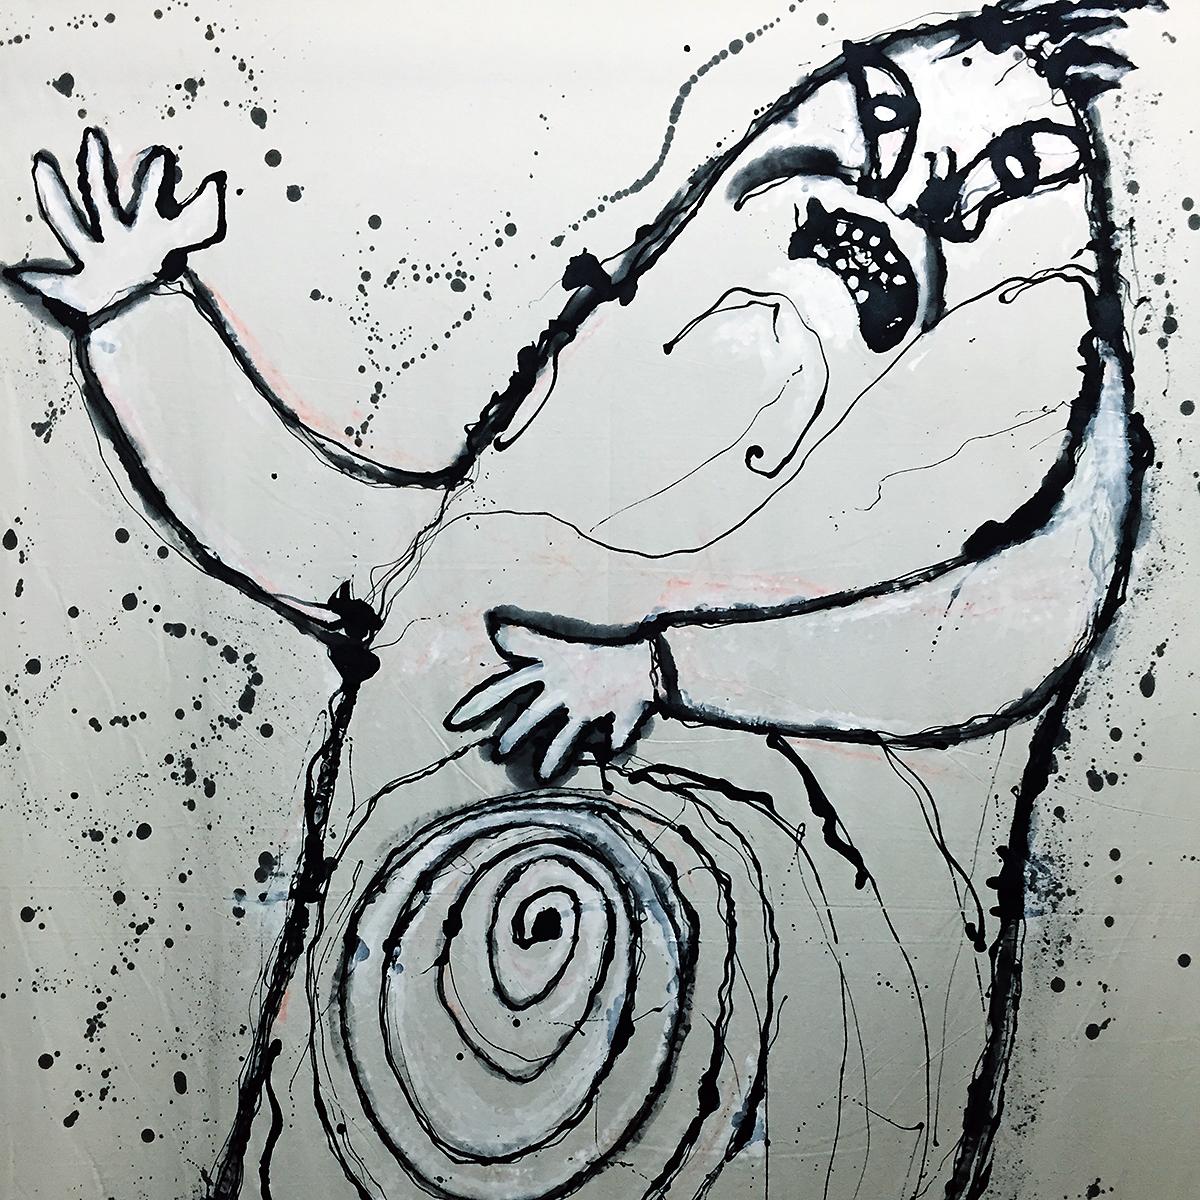 A caricature of Balzac?